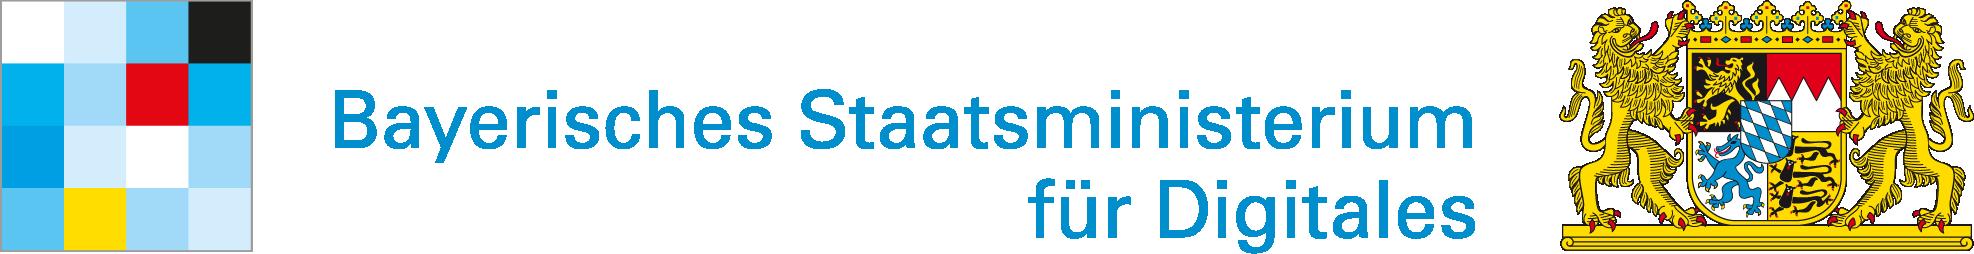 Bayerischer Staatsministerium für Digitales Logo